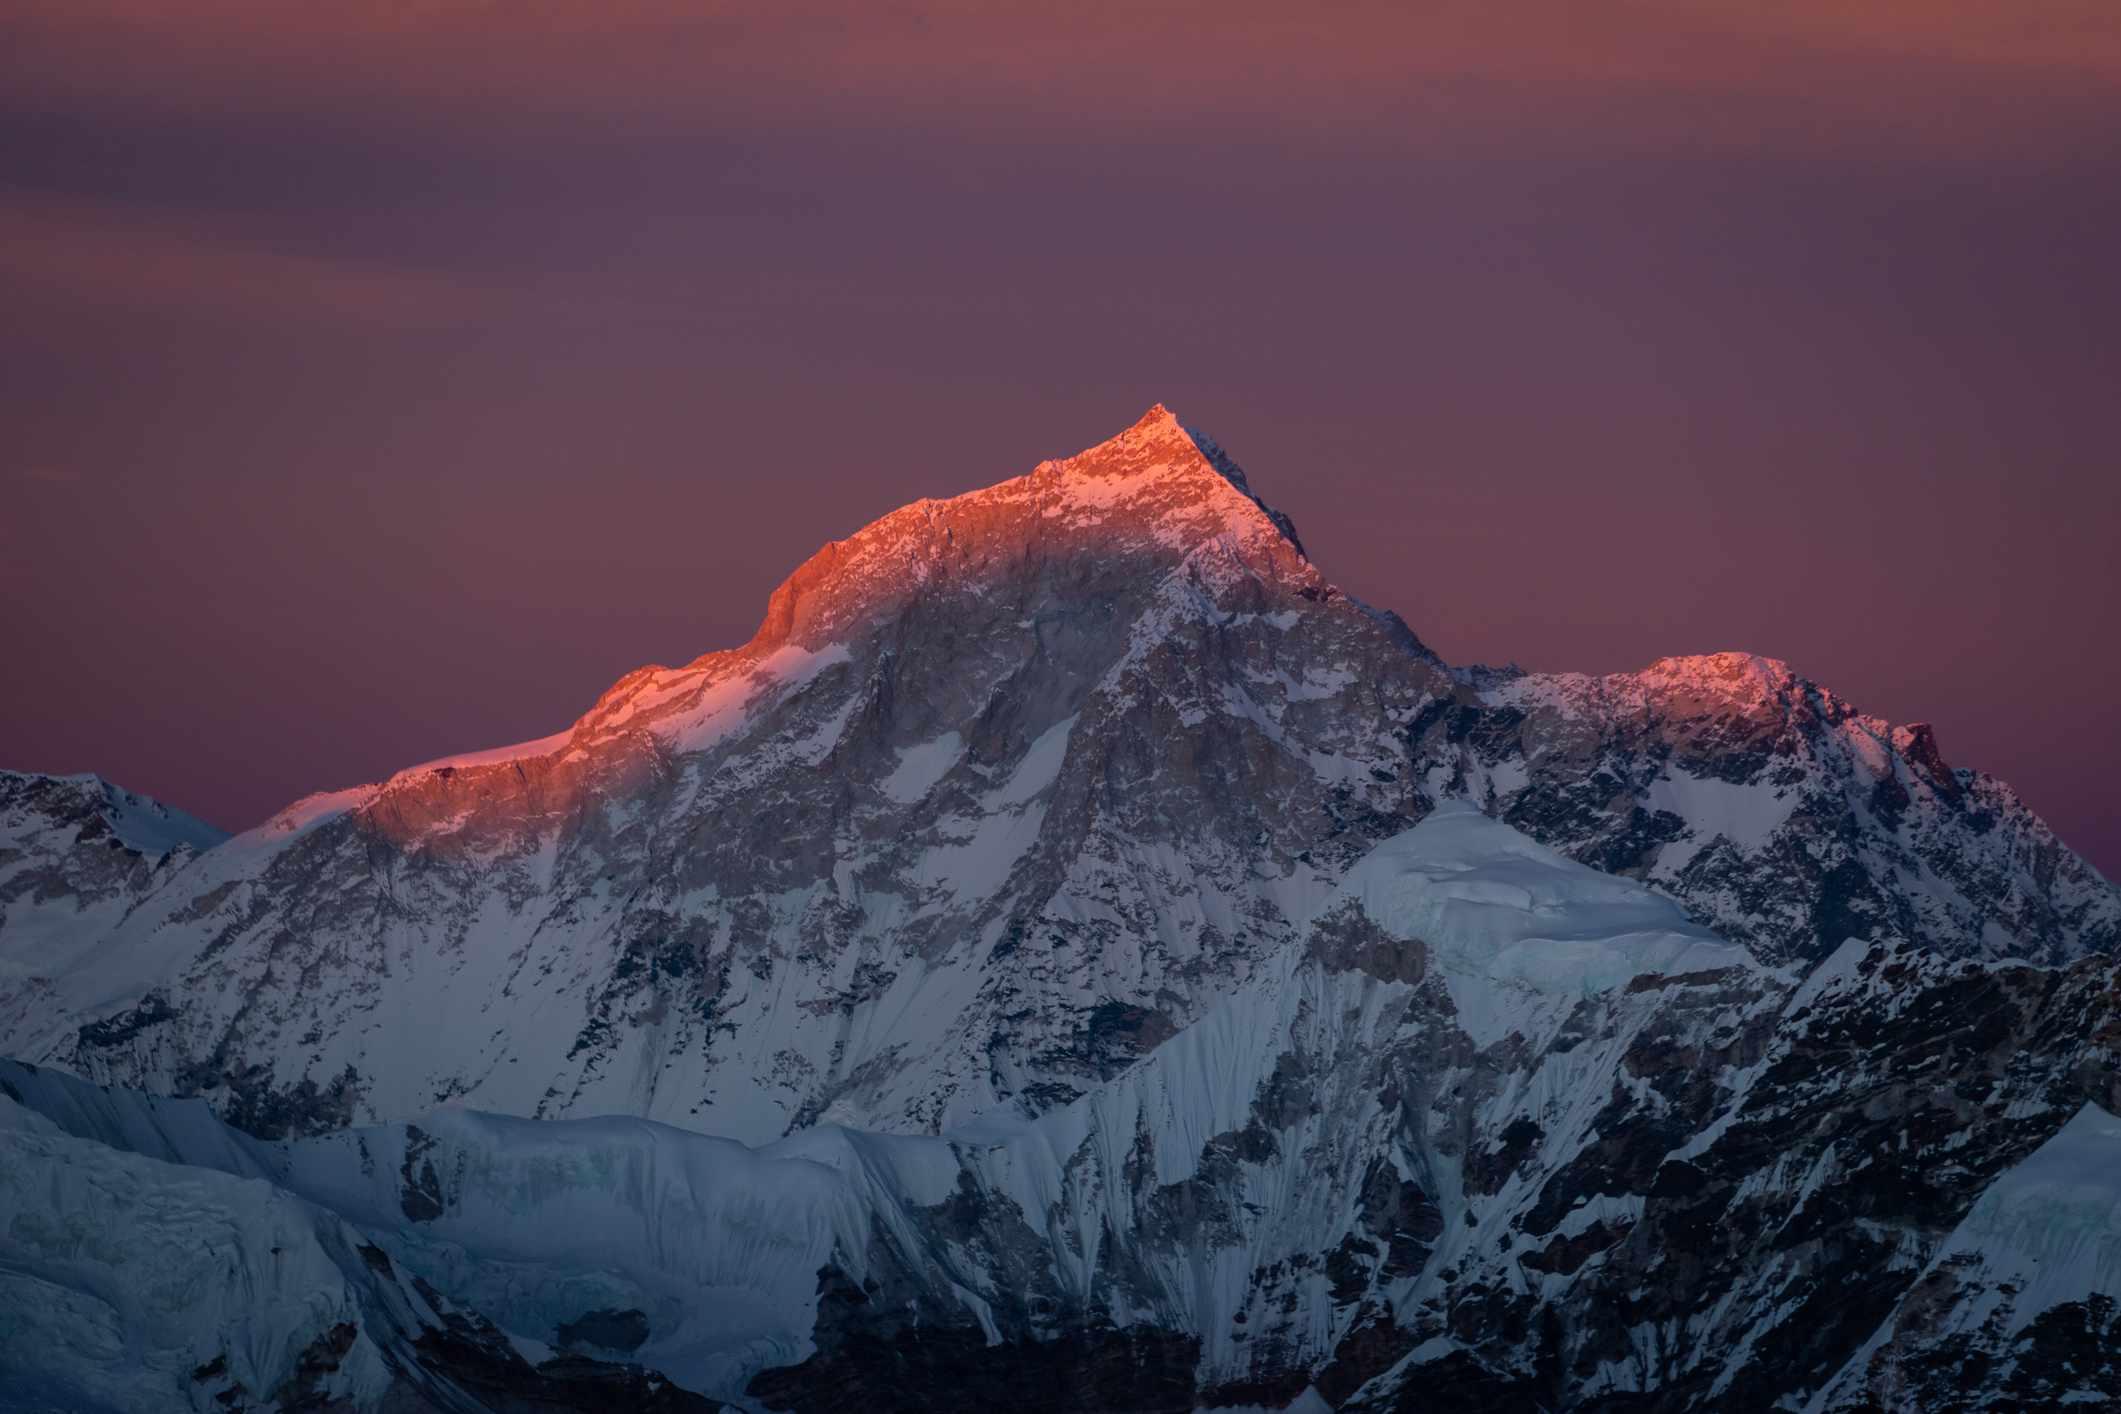 Sunset over Makalu mountain peak